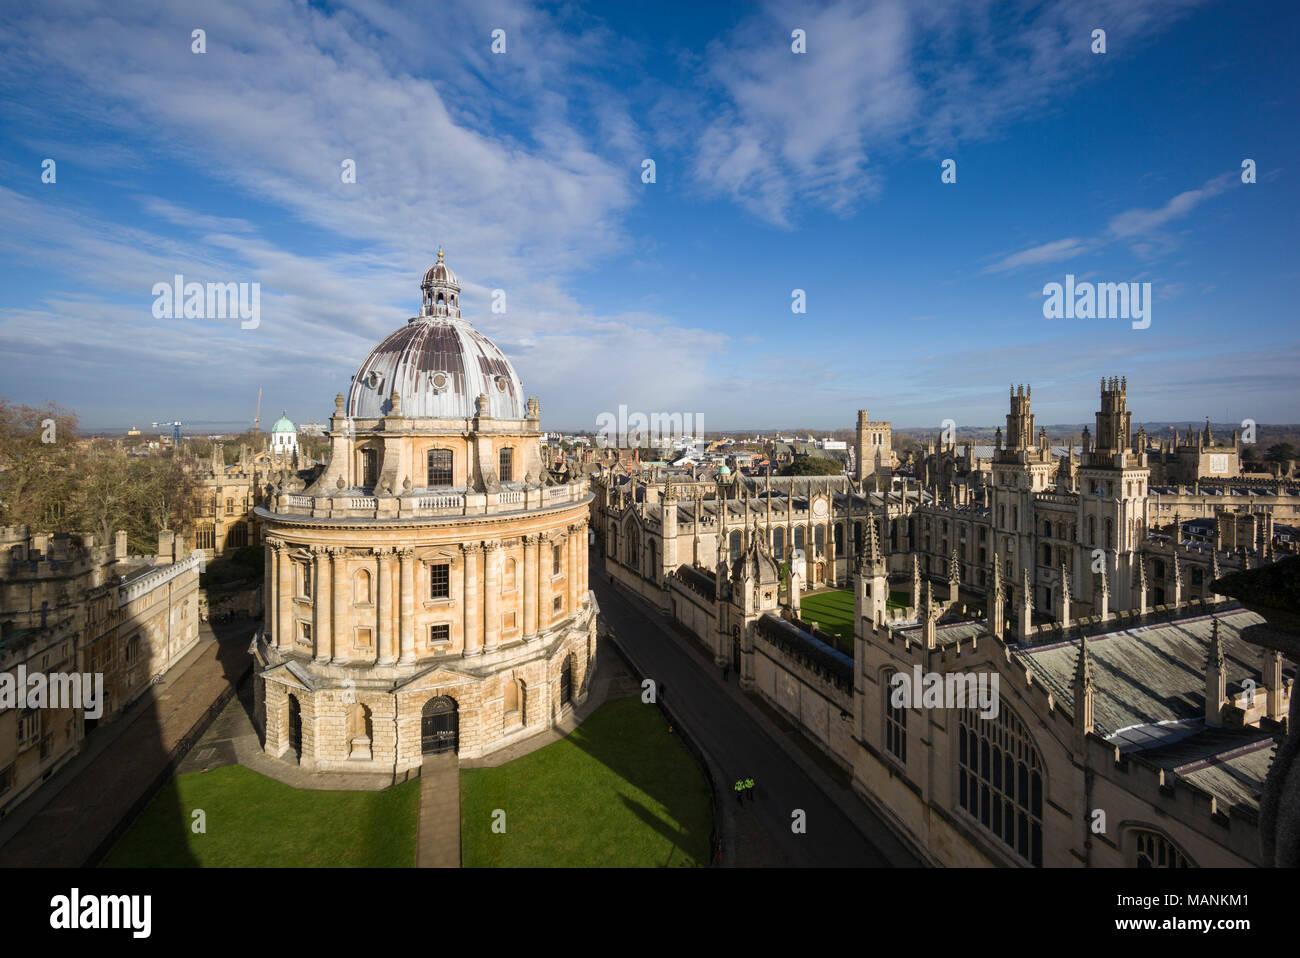 Oxford. Inglaterra. Vista de la Radcliffe Camera, Radcliffe Square con All Souls College a la derecha. Diseñado por James Gibbs, construido en 1737-49 para la casa Imagen De Stock